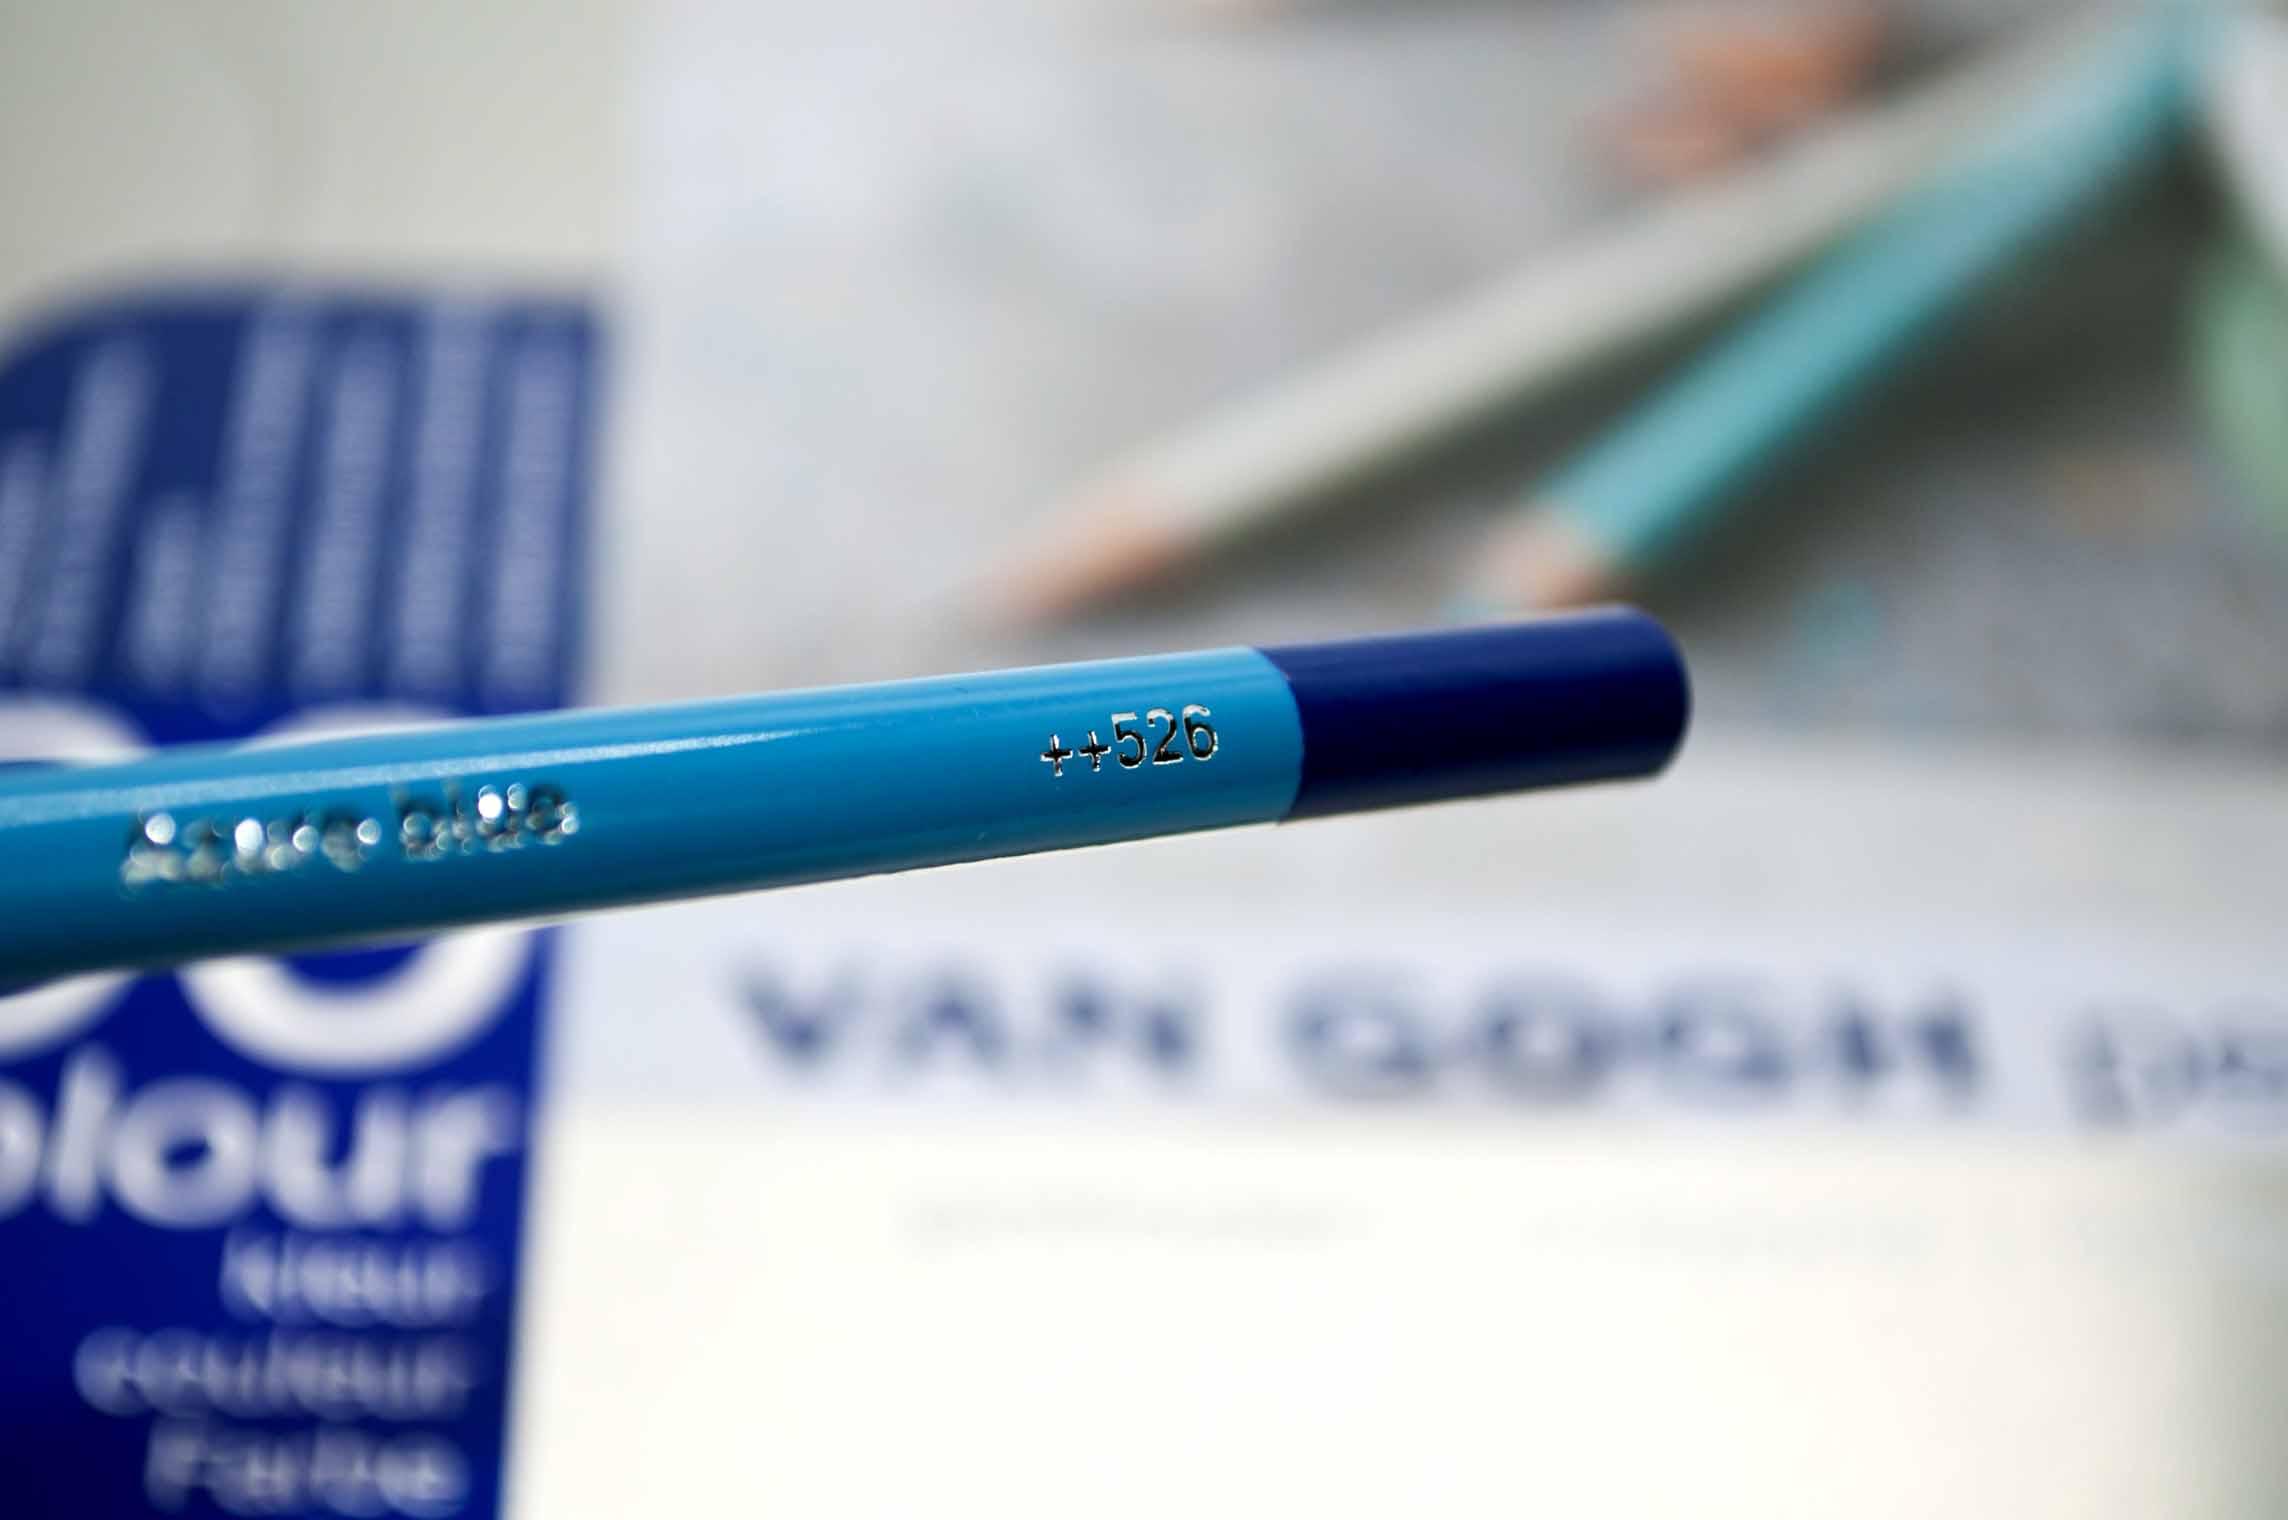 Van Gogh Open Stock Number .jpg